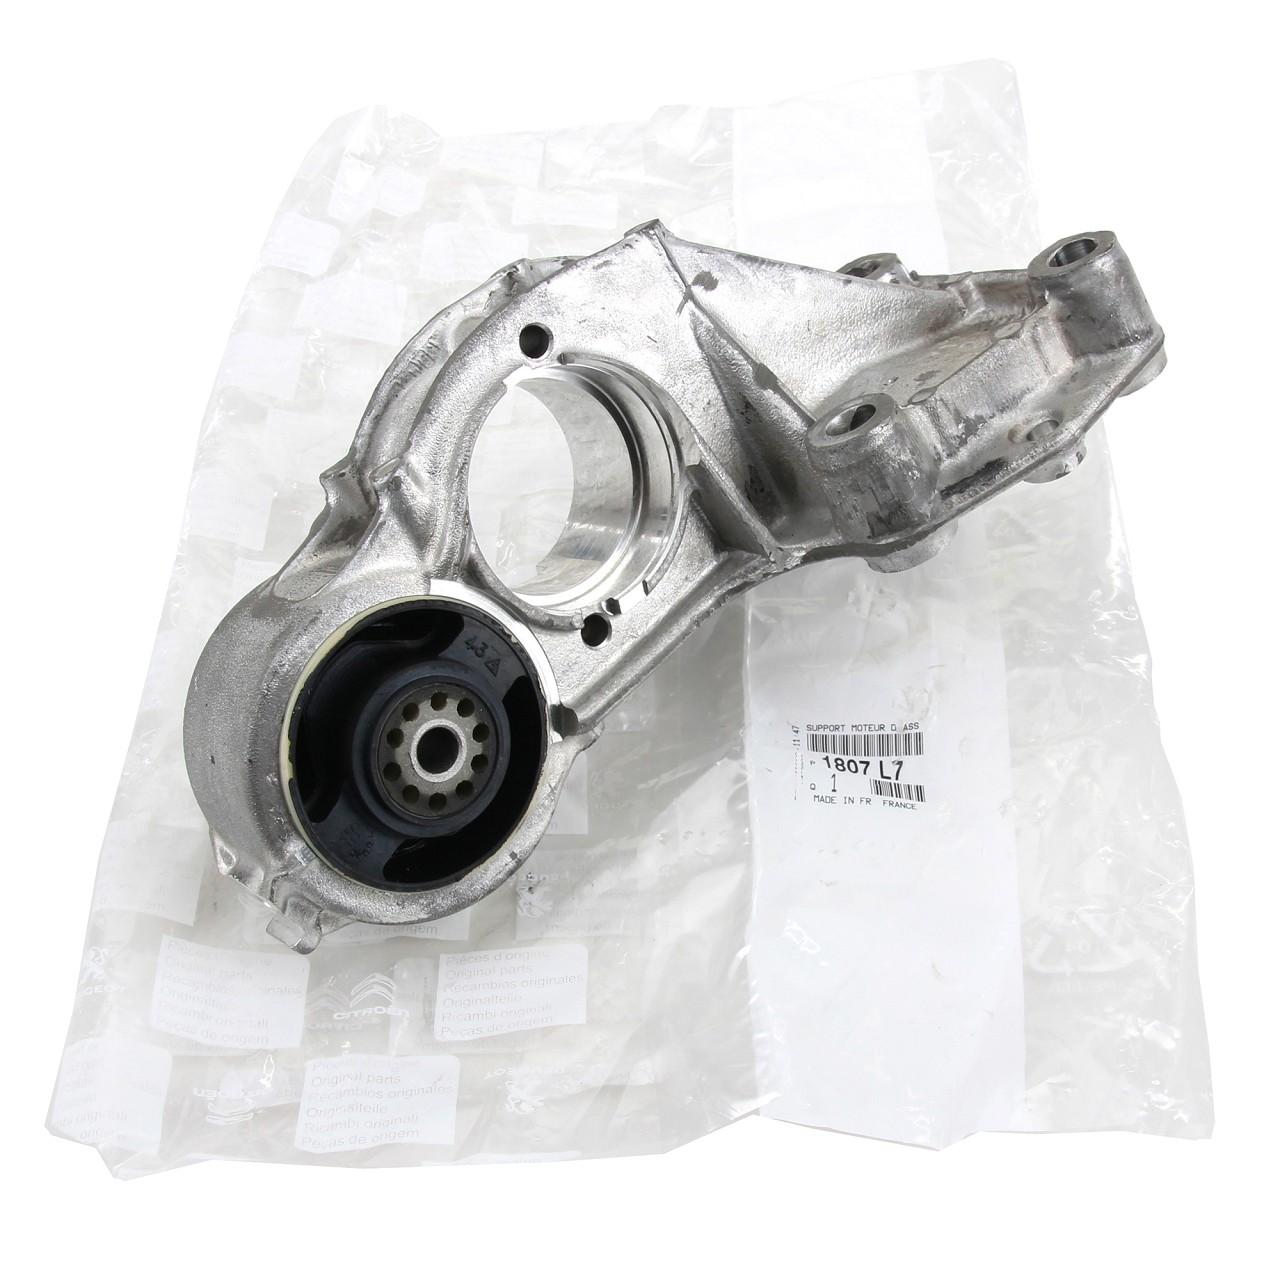 ORIGINAL Peugeot Motorlager Motorhalter Motoraufhängung 206 1.4 1.6 1807.L7